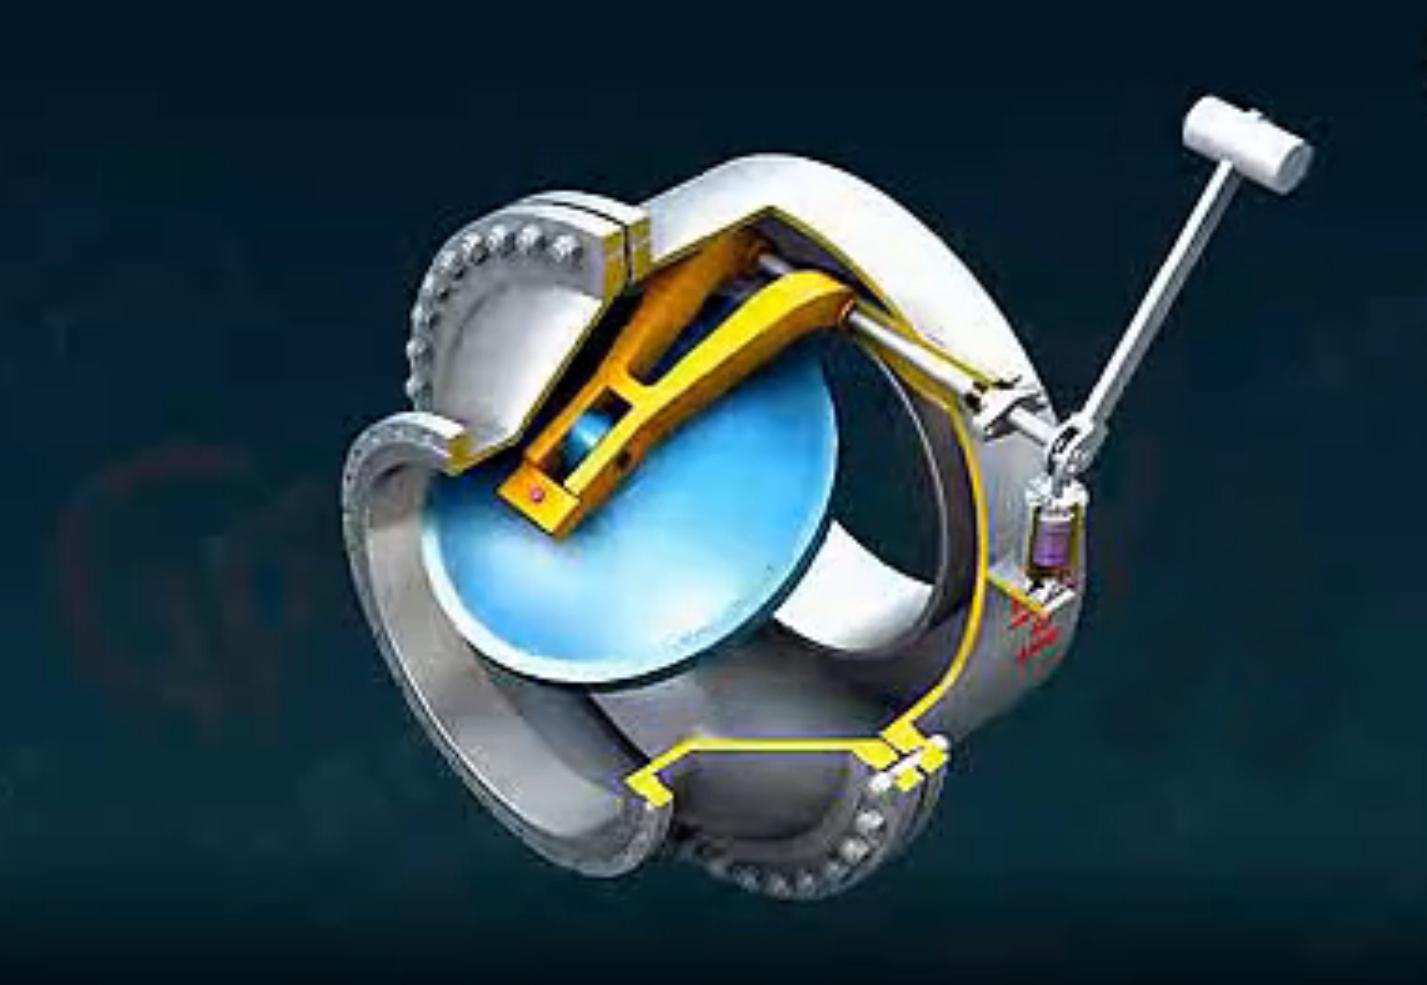 武汉产品动画制作:三维动画技术探秘止回阀奥秘 三维动画制作 第2张